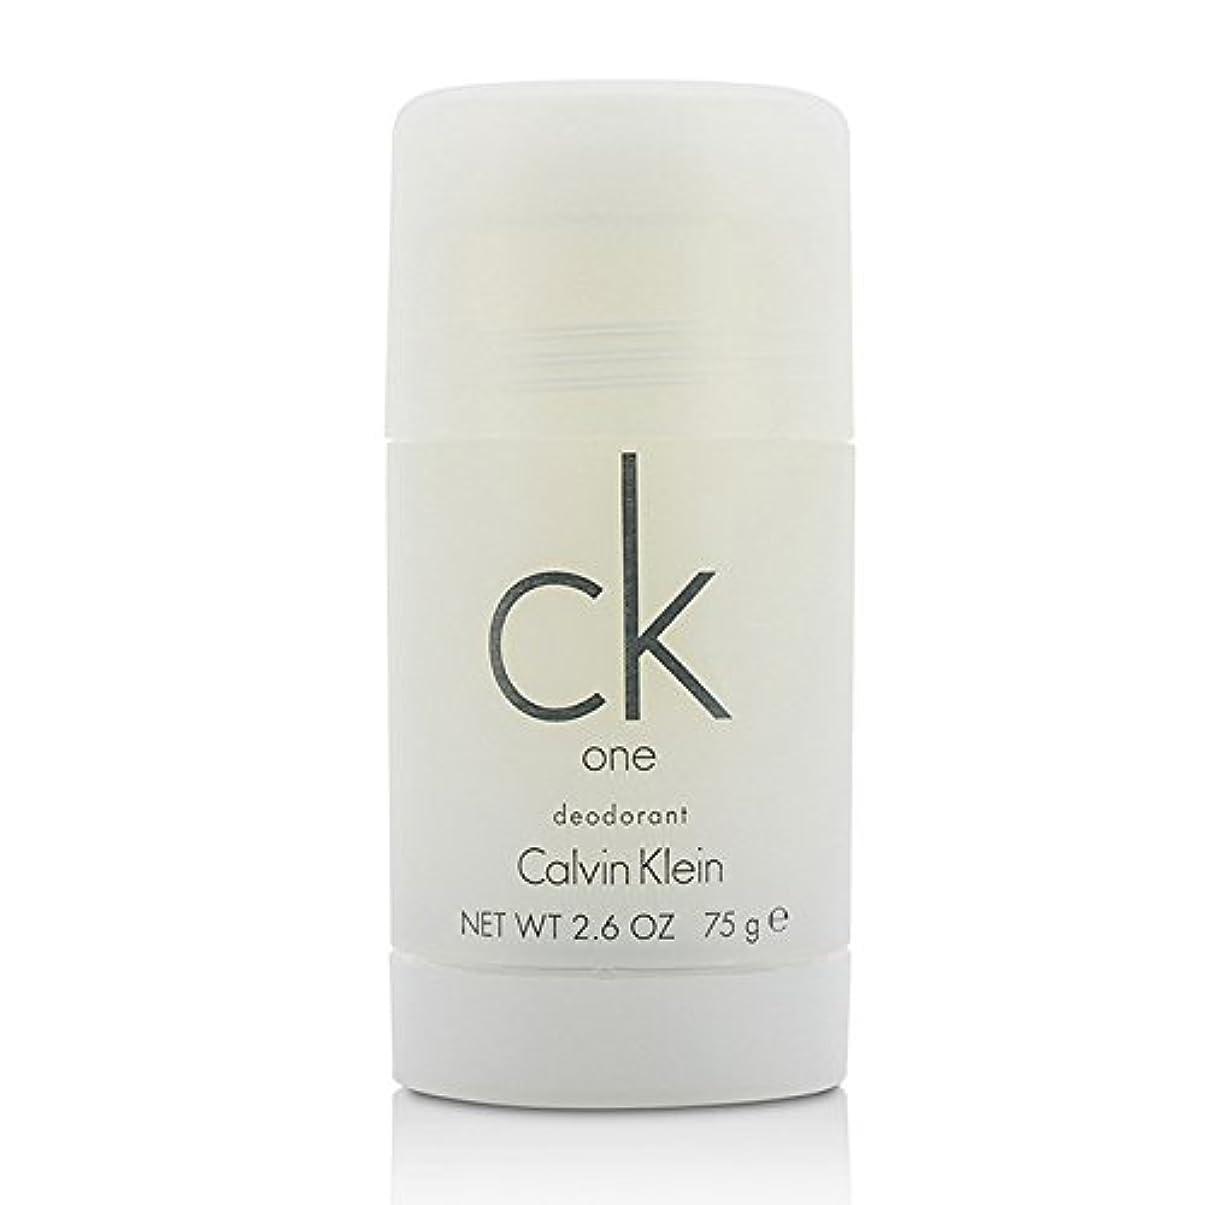 マーティフィールディングアラビア語保安カルバンクライン(Calvin Klein) シーケーワン(CK ONE) デオドラントスティック 75ml/2.5oz[並行輸入品]